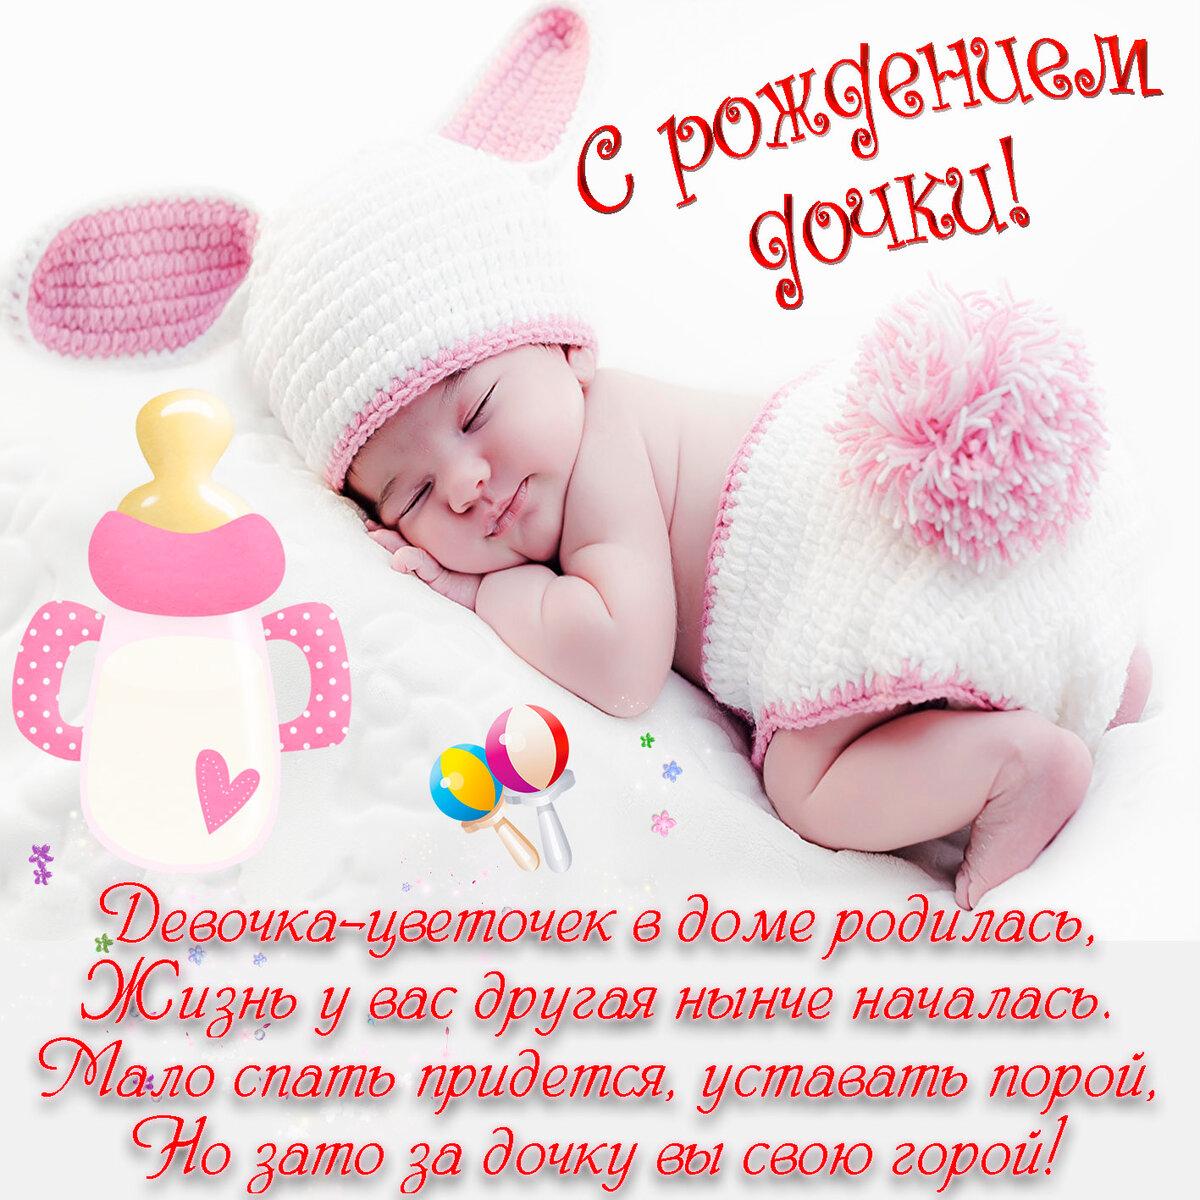 Картинки рождение дочки поздравления